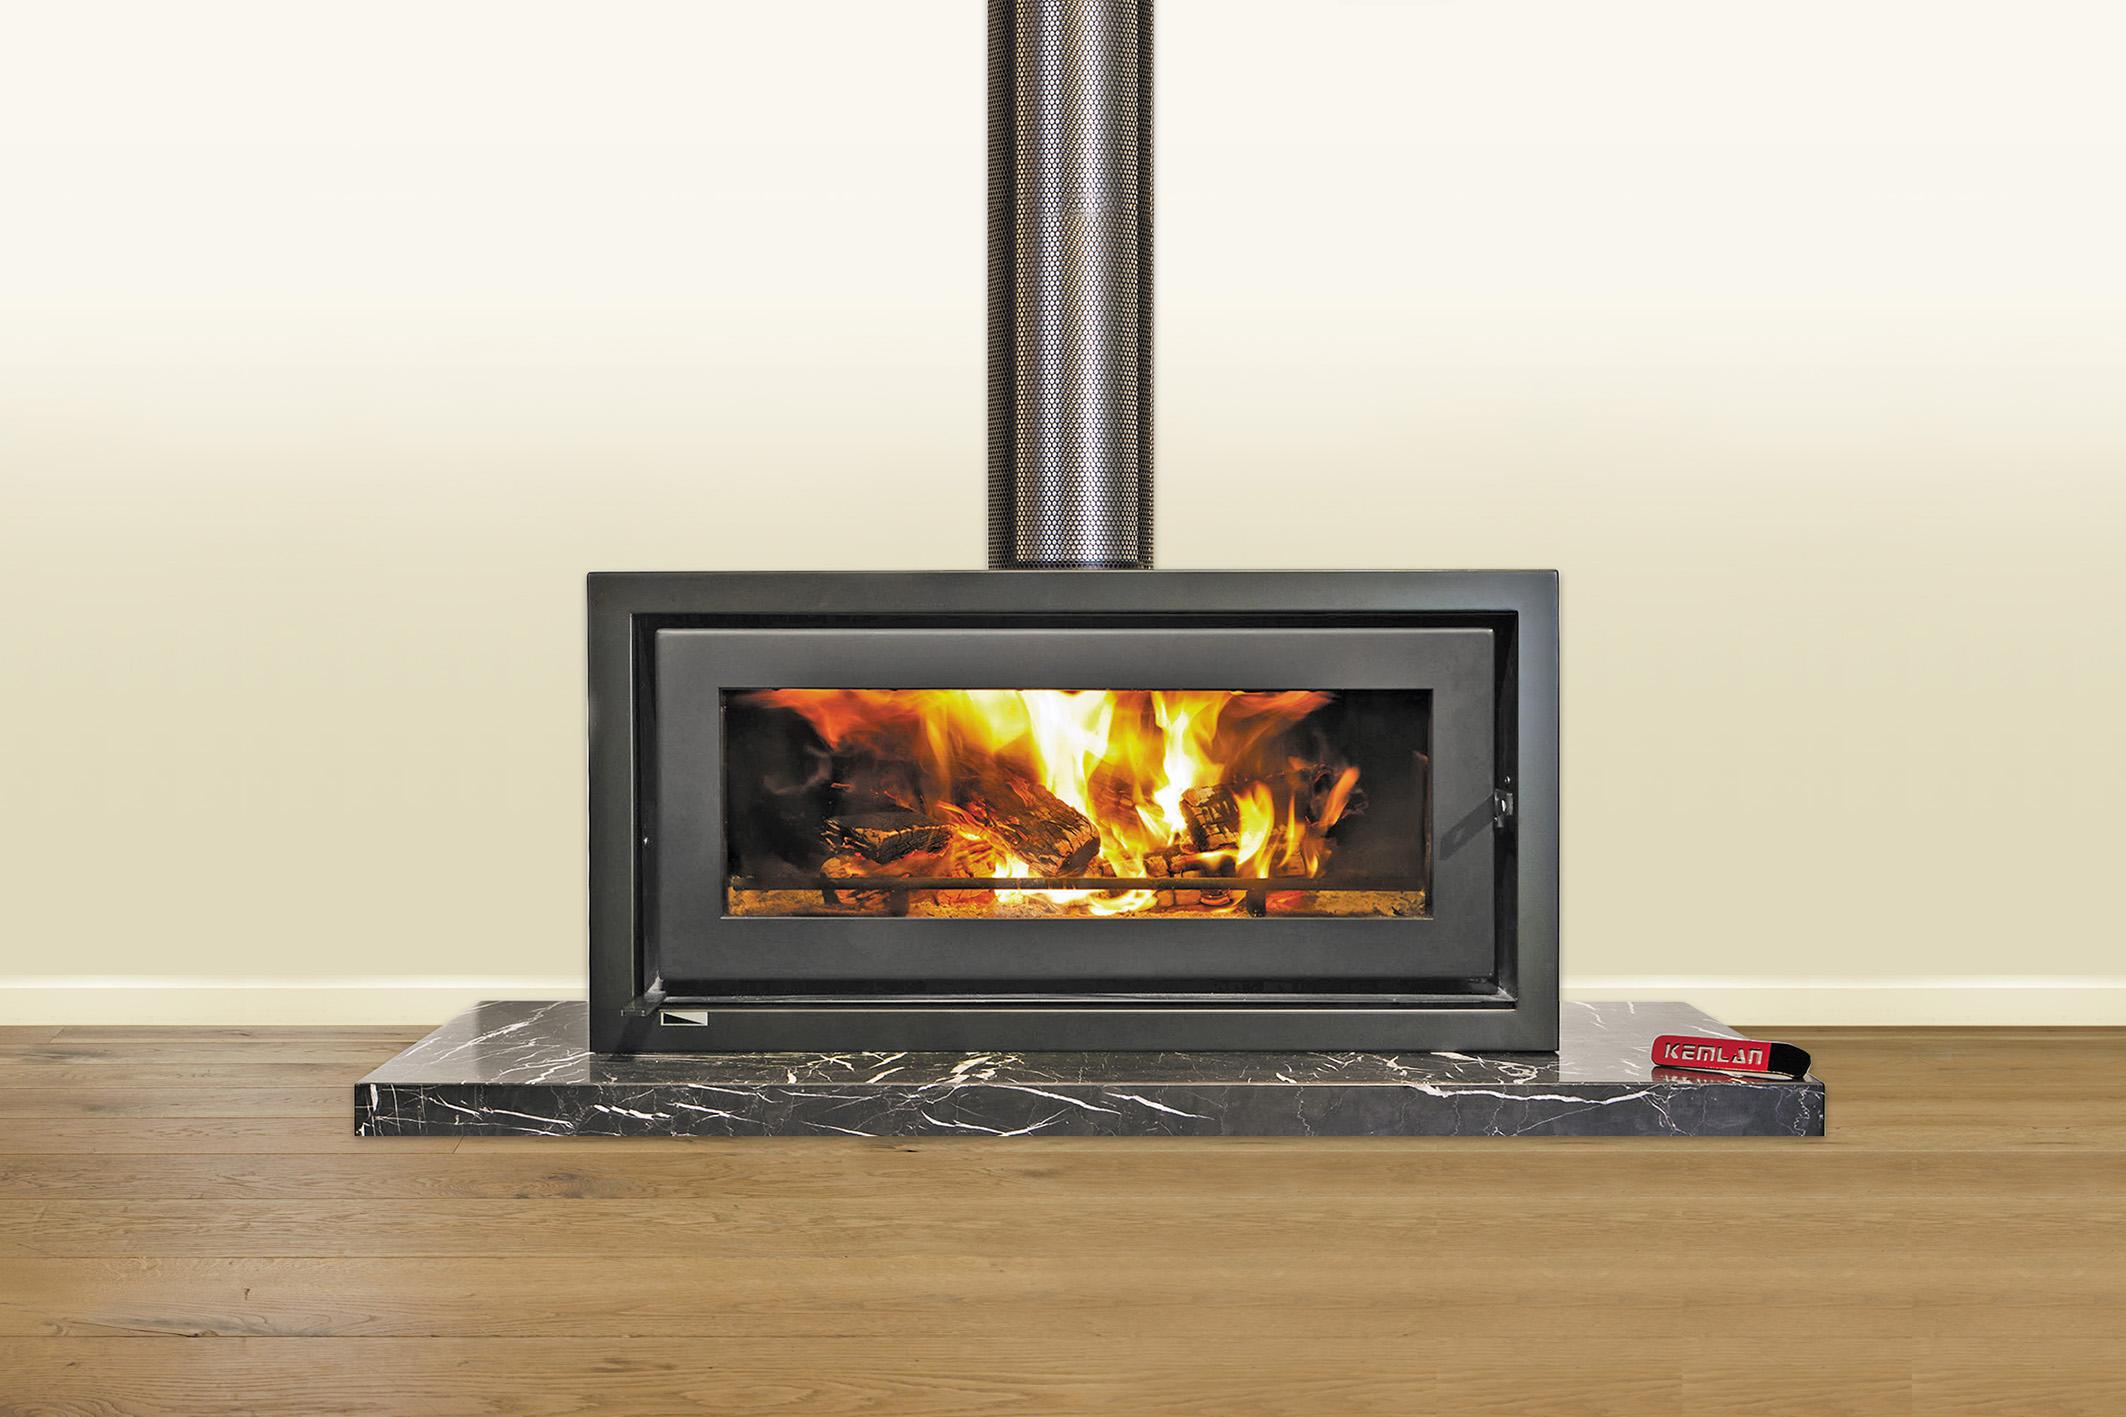 Kemlan C900 Fireplace Insert Gas